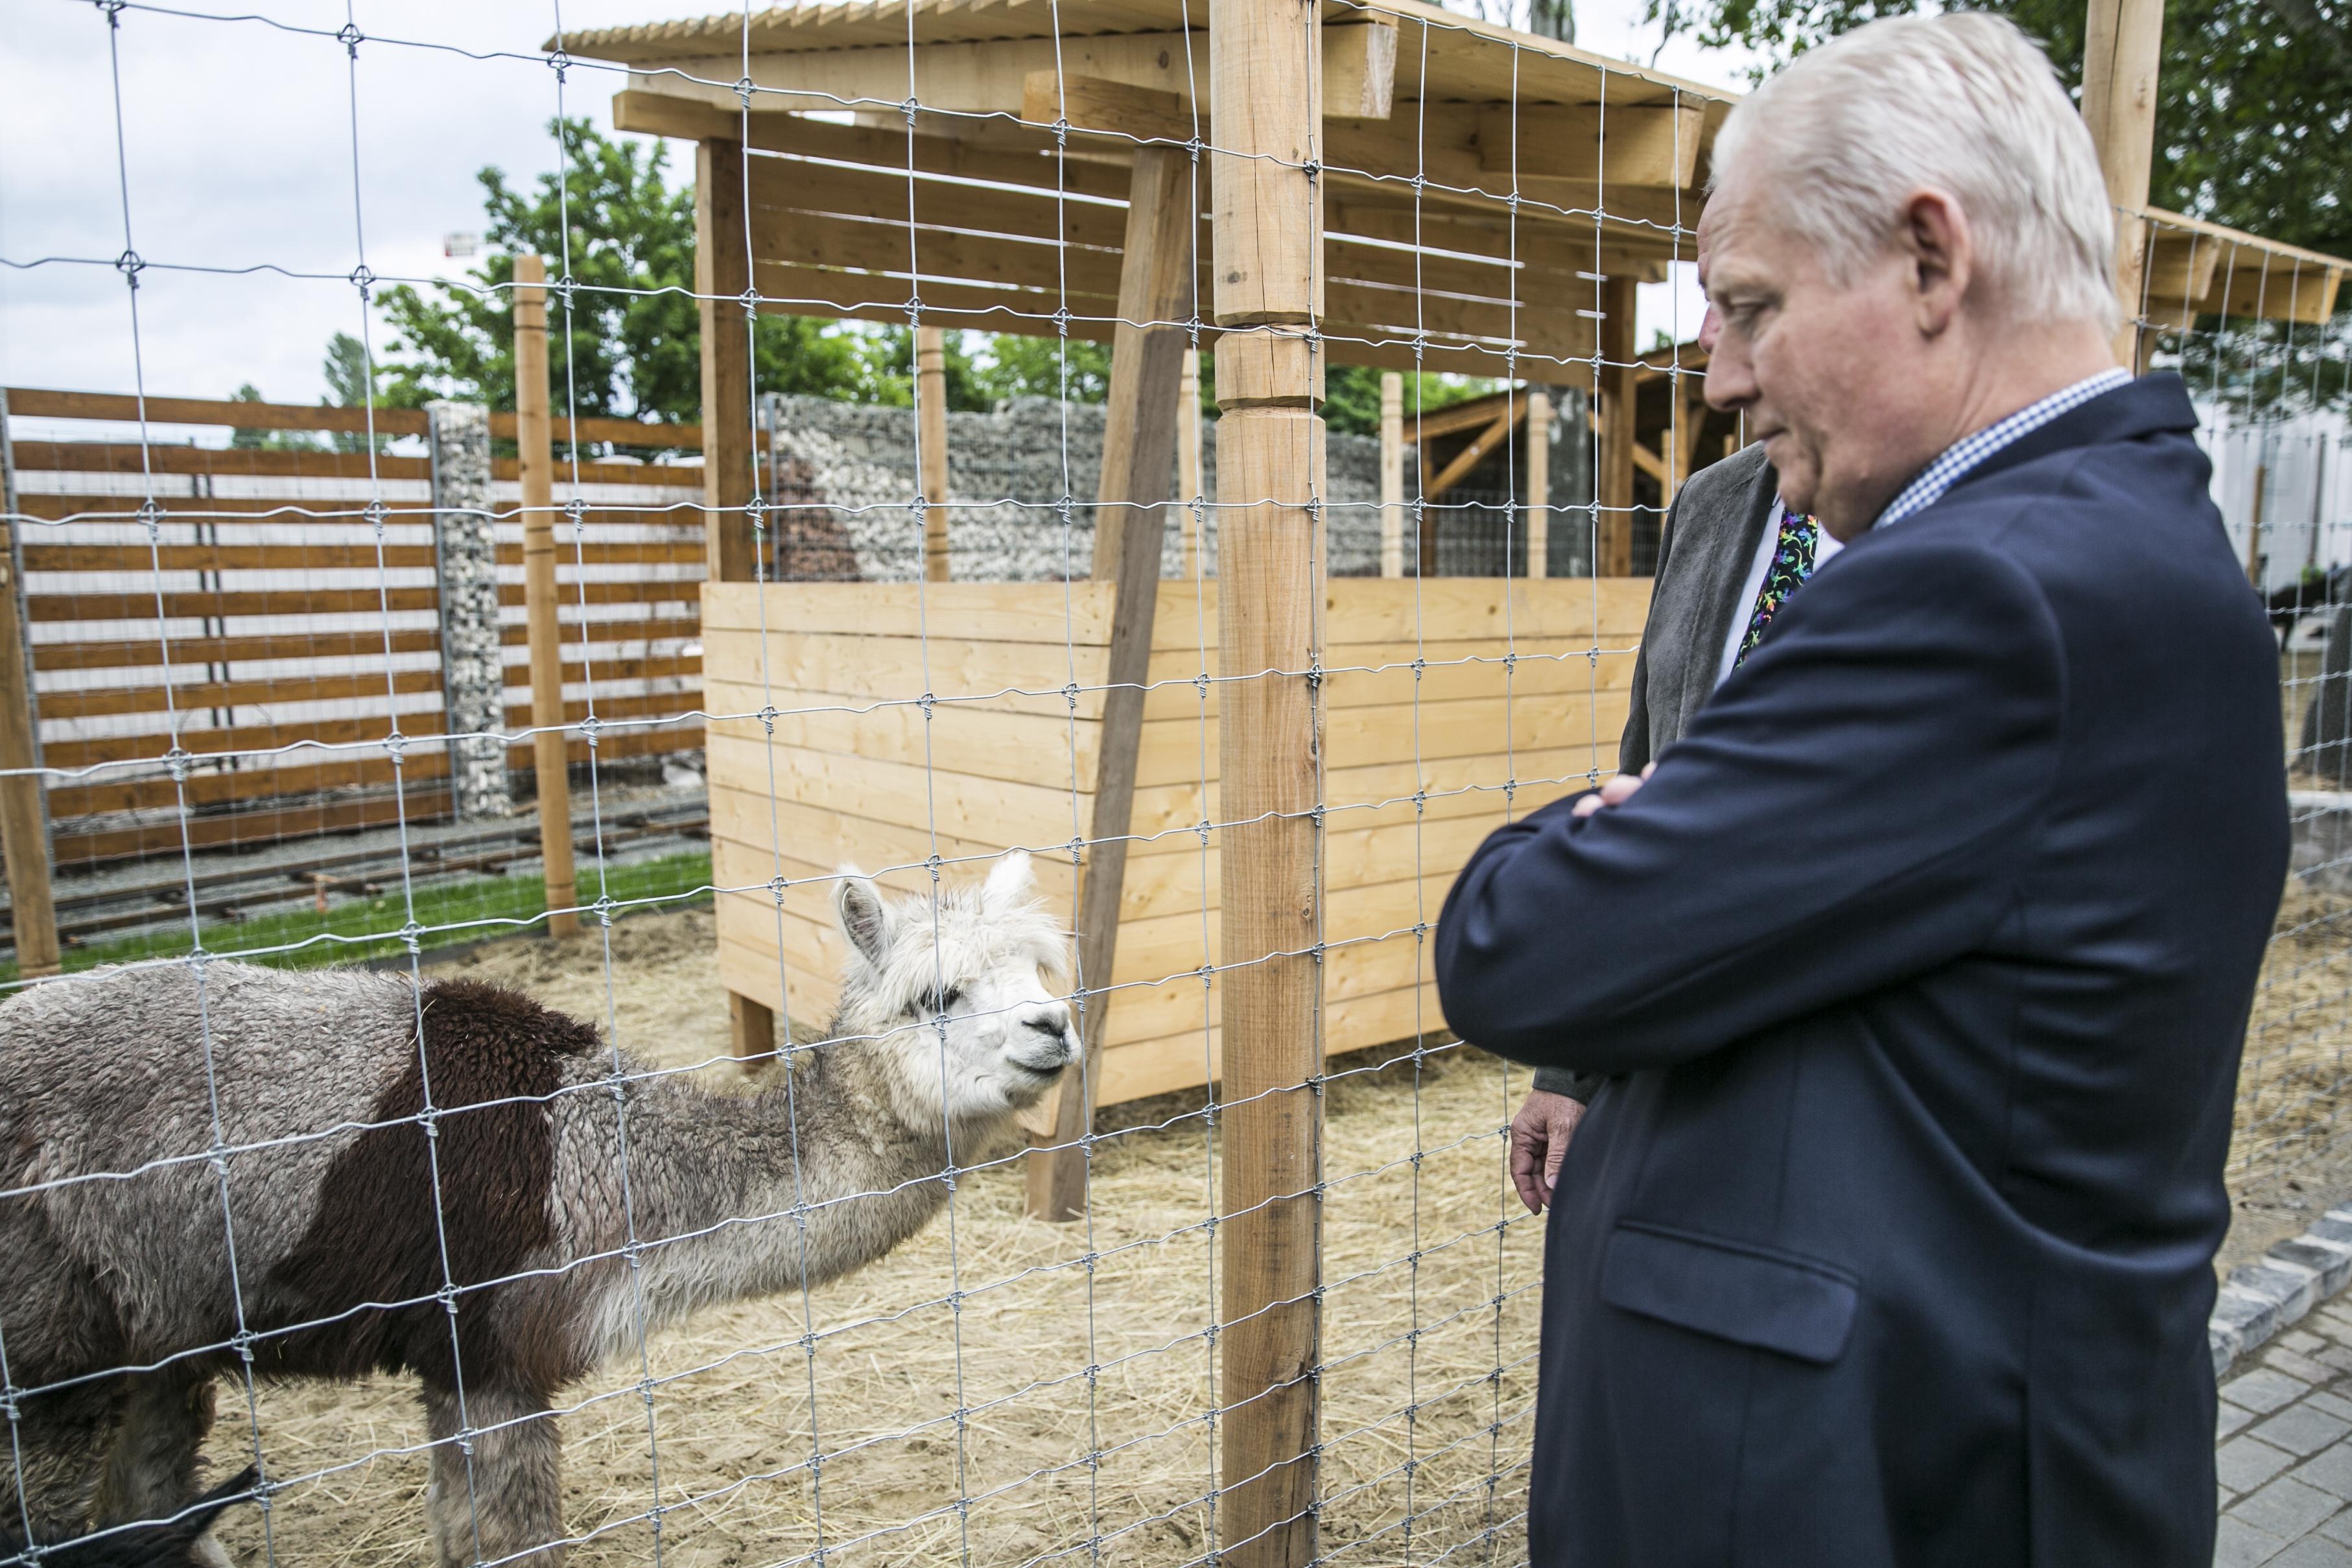 Megszámolták, hány lakója van a budapesti állatkertnek